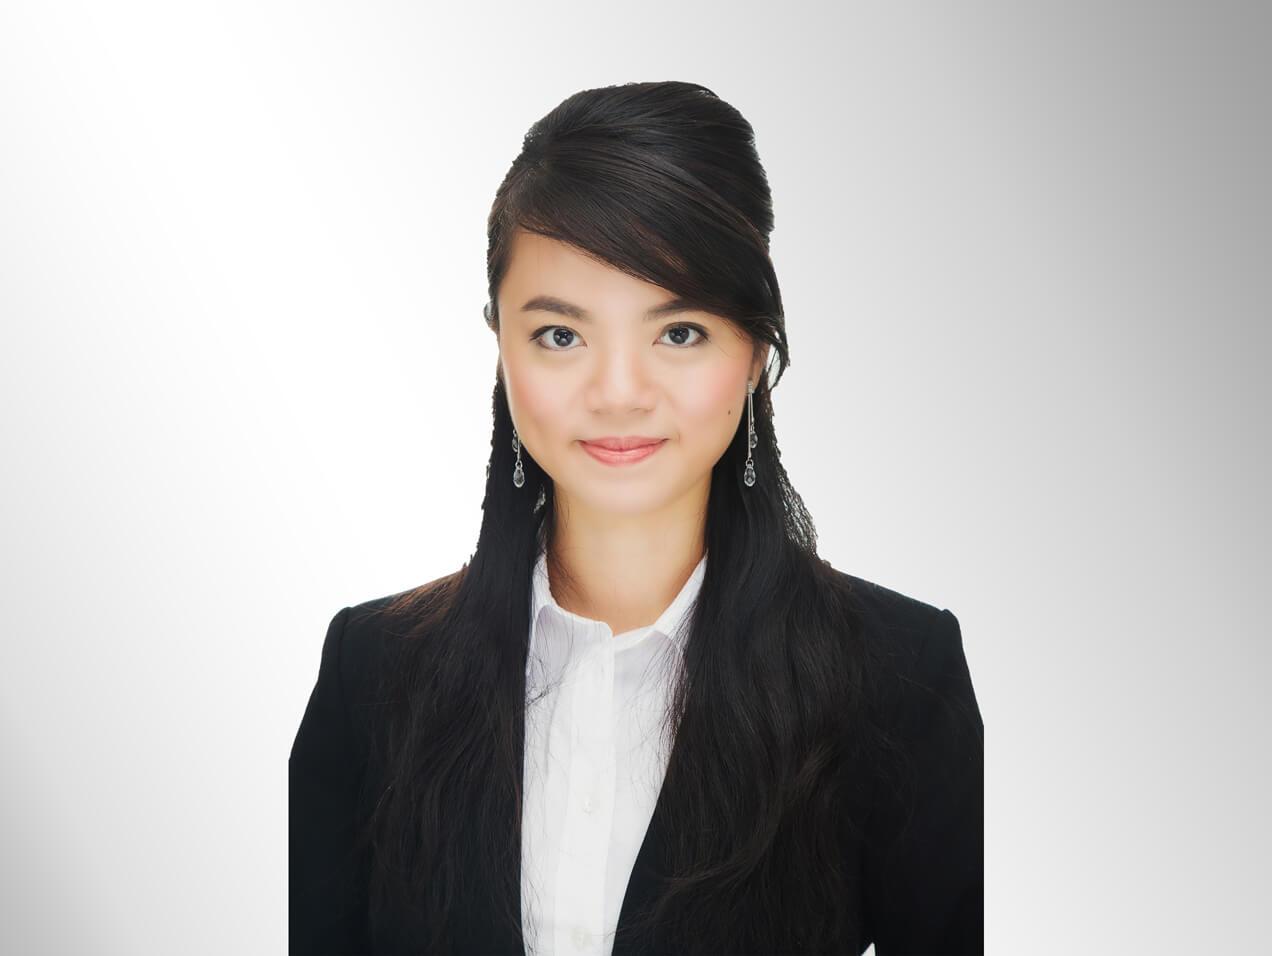 Annia Hsu